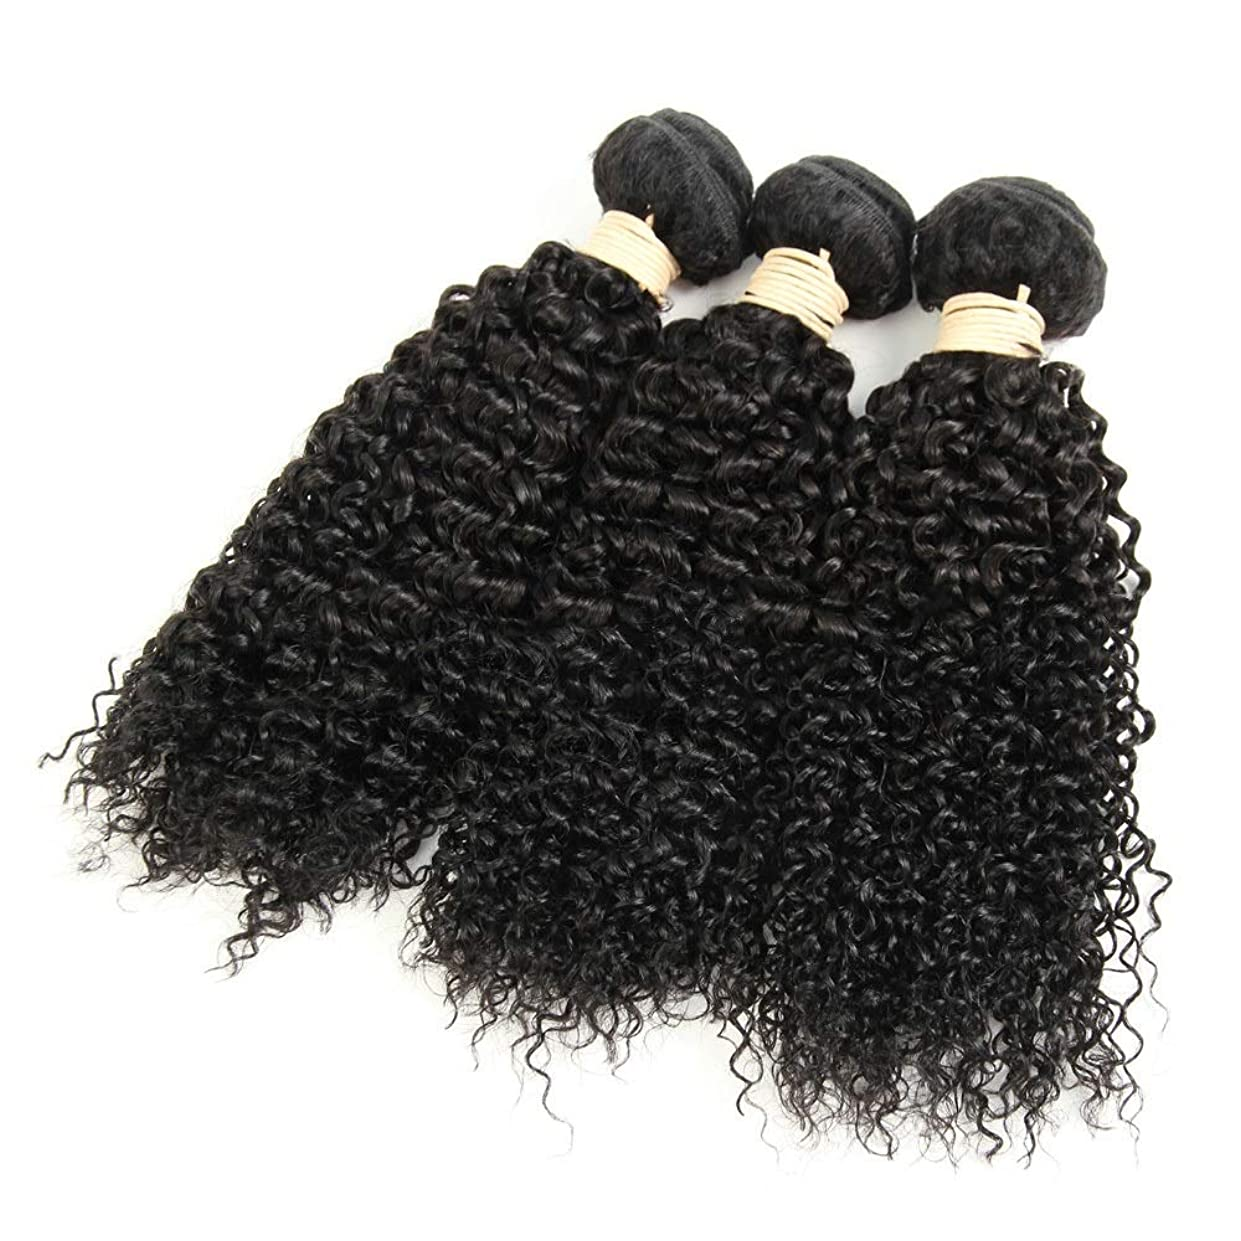 突破口納屋ステージMayalina ブラジルのバージン変態カーリーヘアバンドル人毛エクステンション横糸 - #1Bナチュラルブラックカラー、8